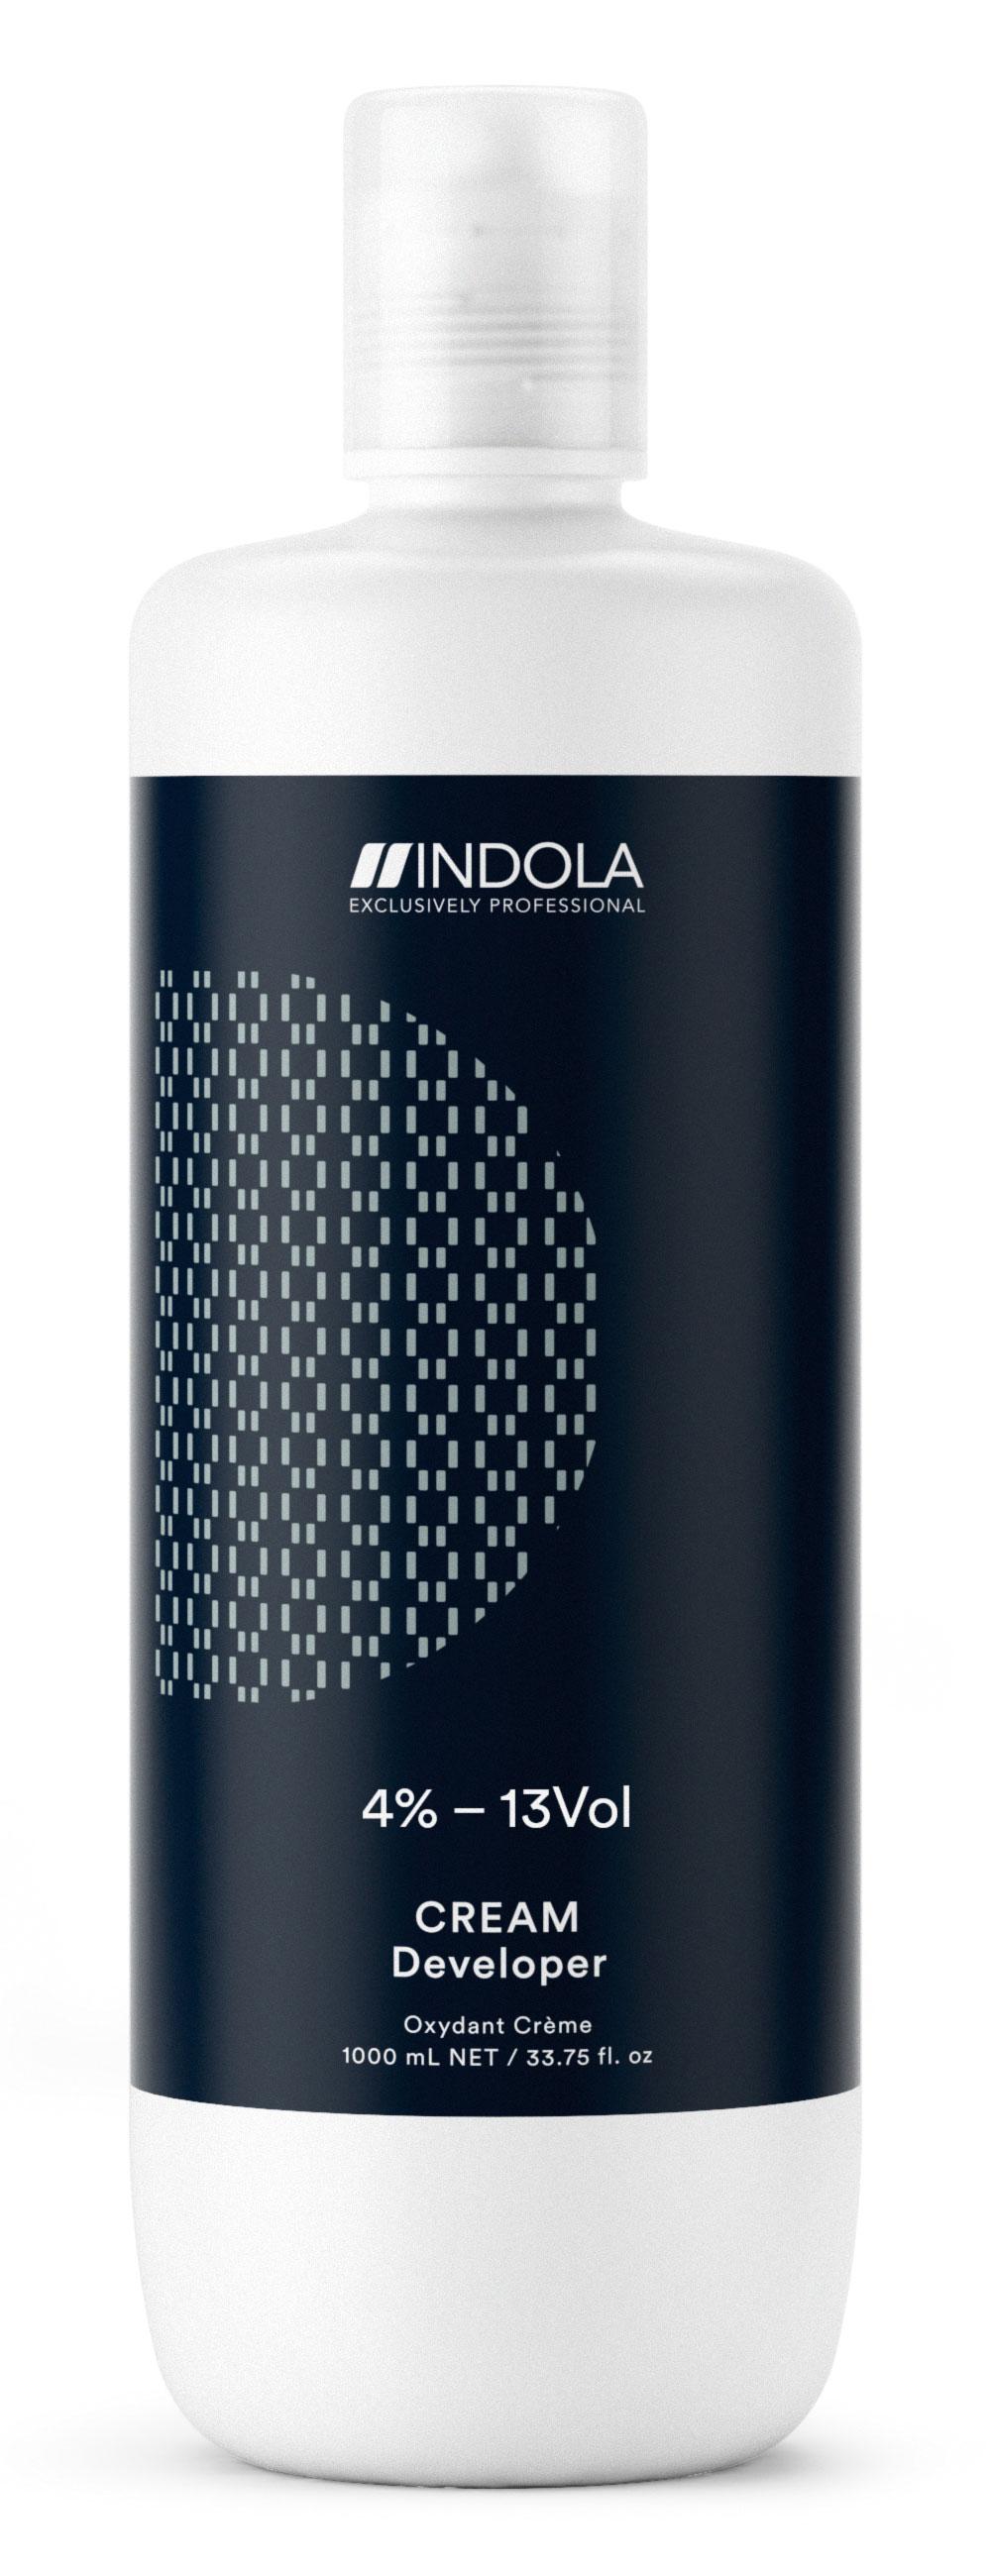 Купить Indola Крем-проявитель 4% – 13Vol EXСLUSIVELY PROFESSIONAL , 1000 мл (Indola, Окрашивание)